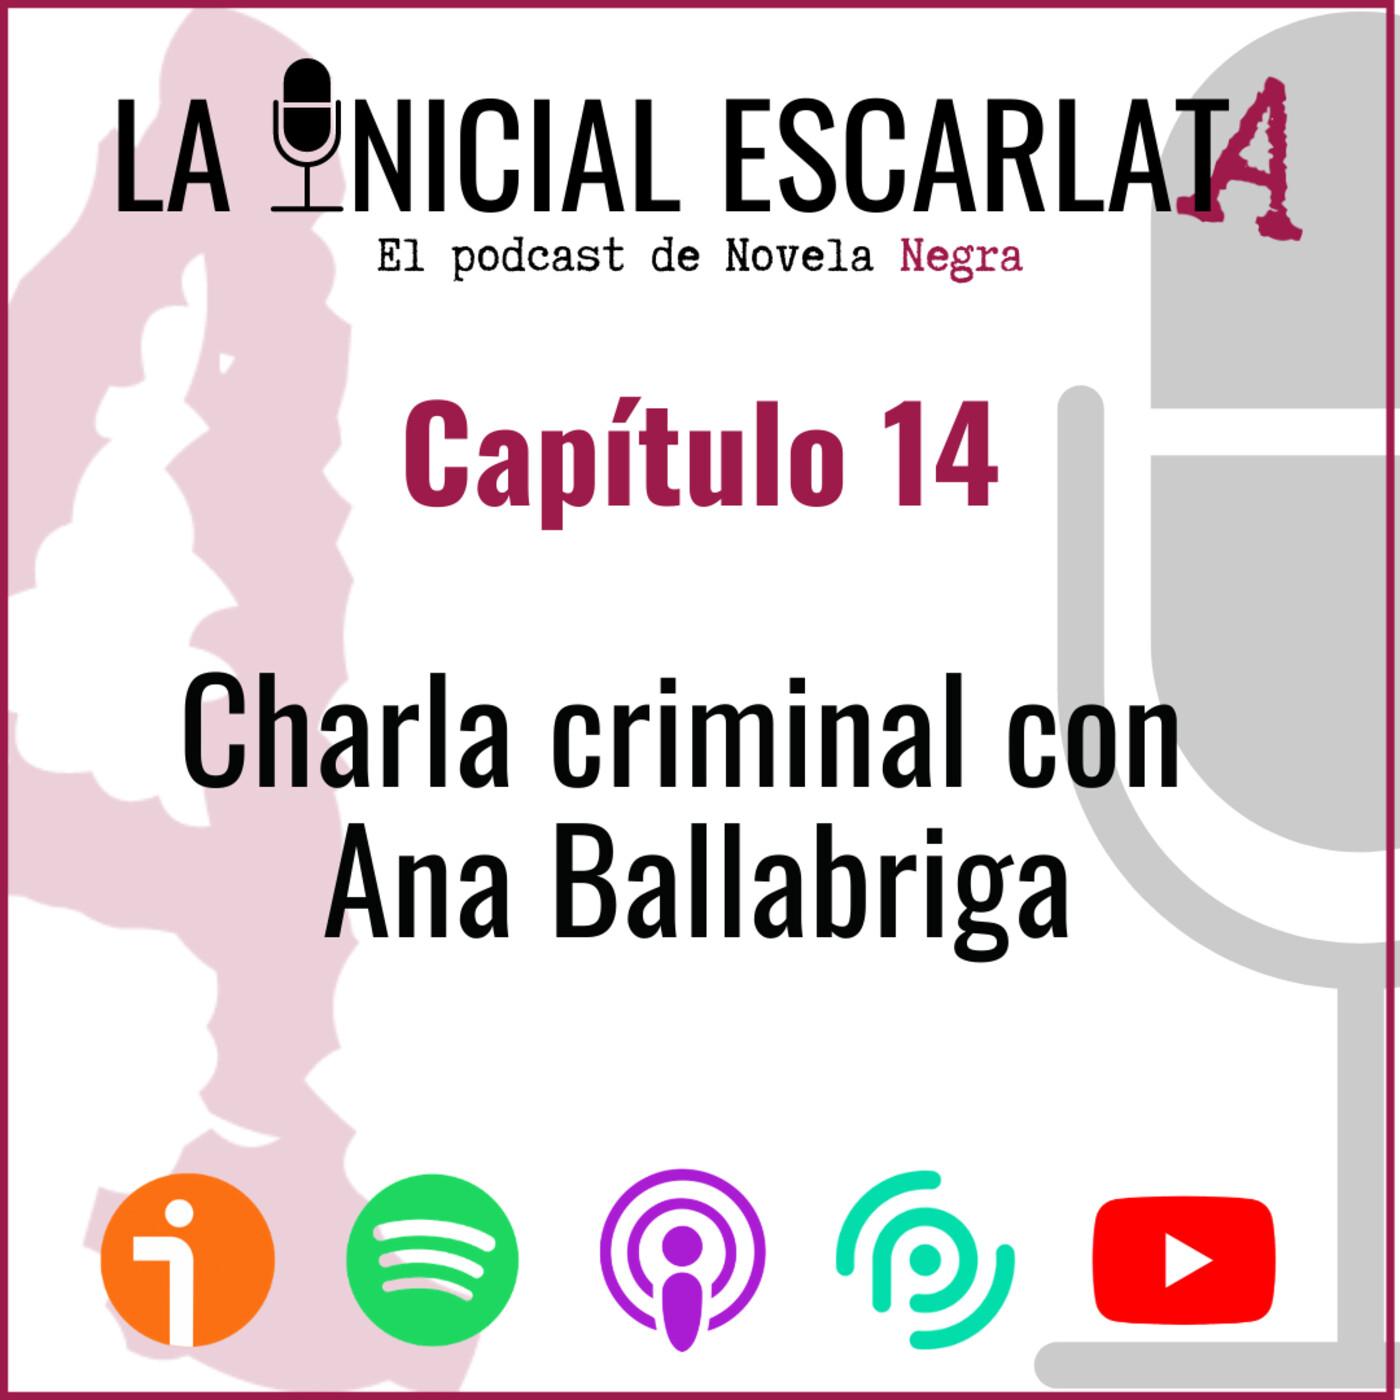 Capítulo 14: Charla criminal con Ana Ballabriga